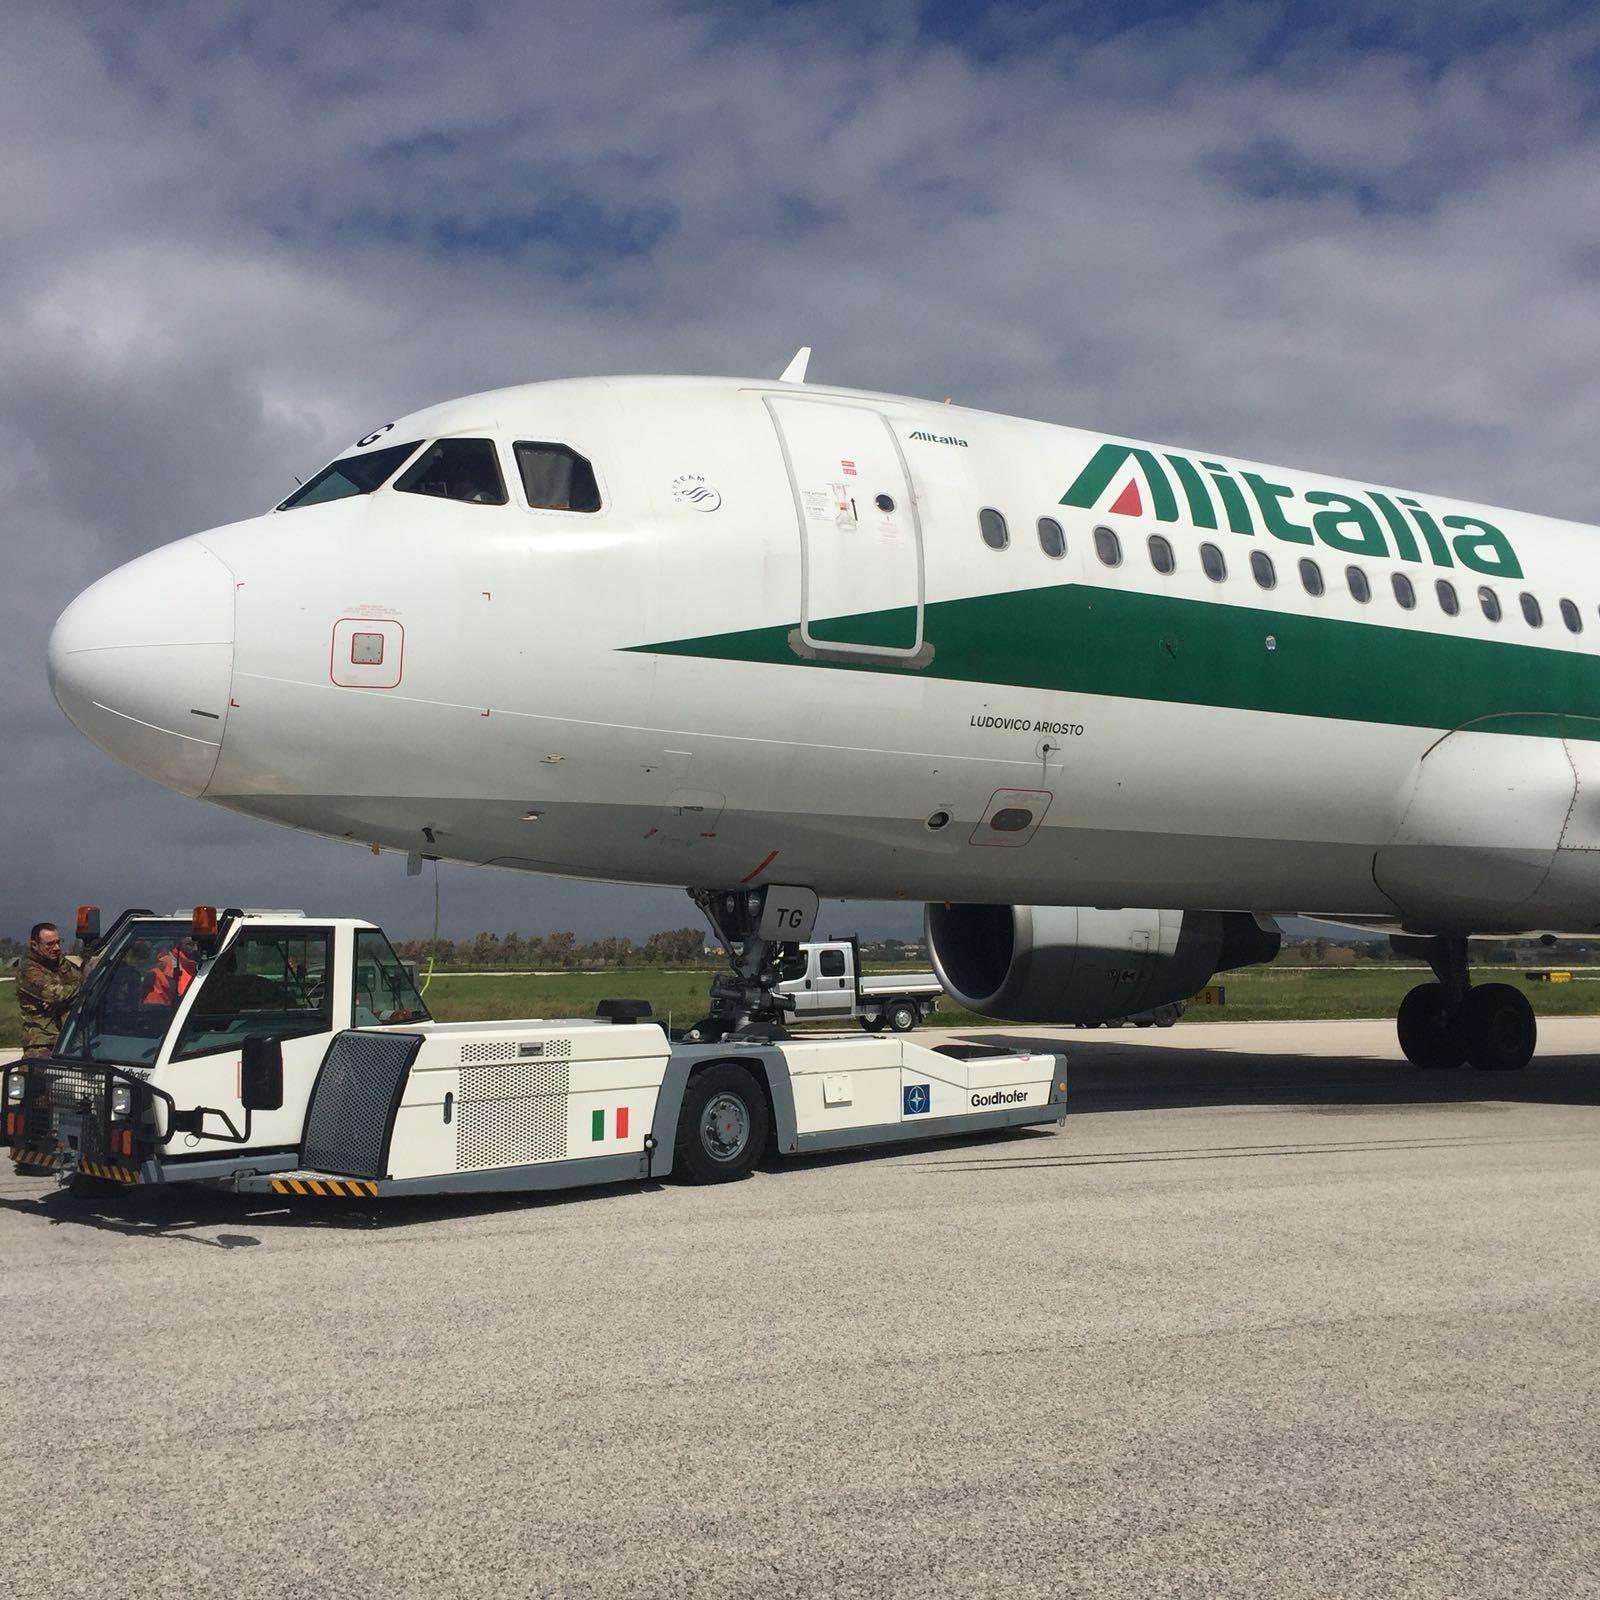 Problemi allo sterzo, aereo Alitalia atterra all'aeroporto militare di Birgi